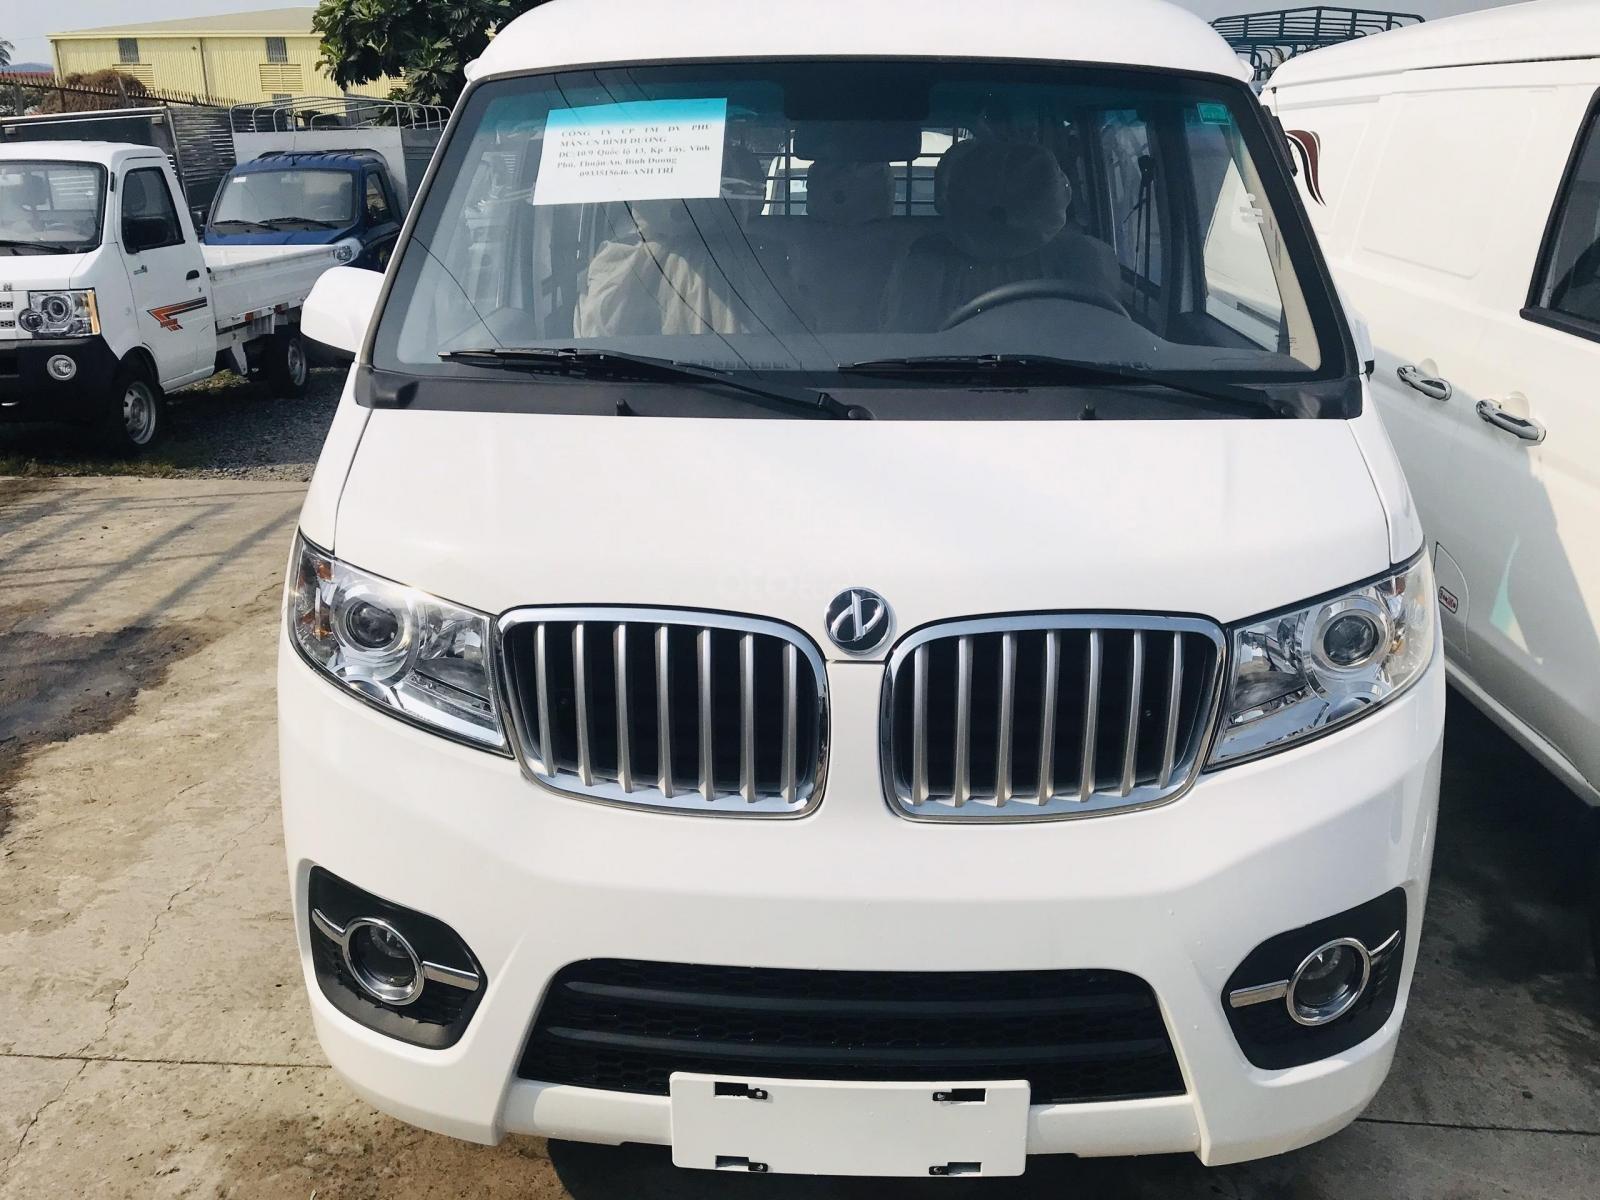 Bảng giá xe bán tải Van được phép chạy trong thành phố 24/24h (1)